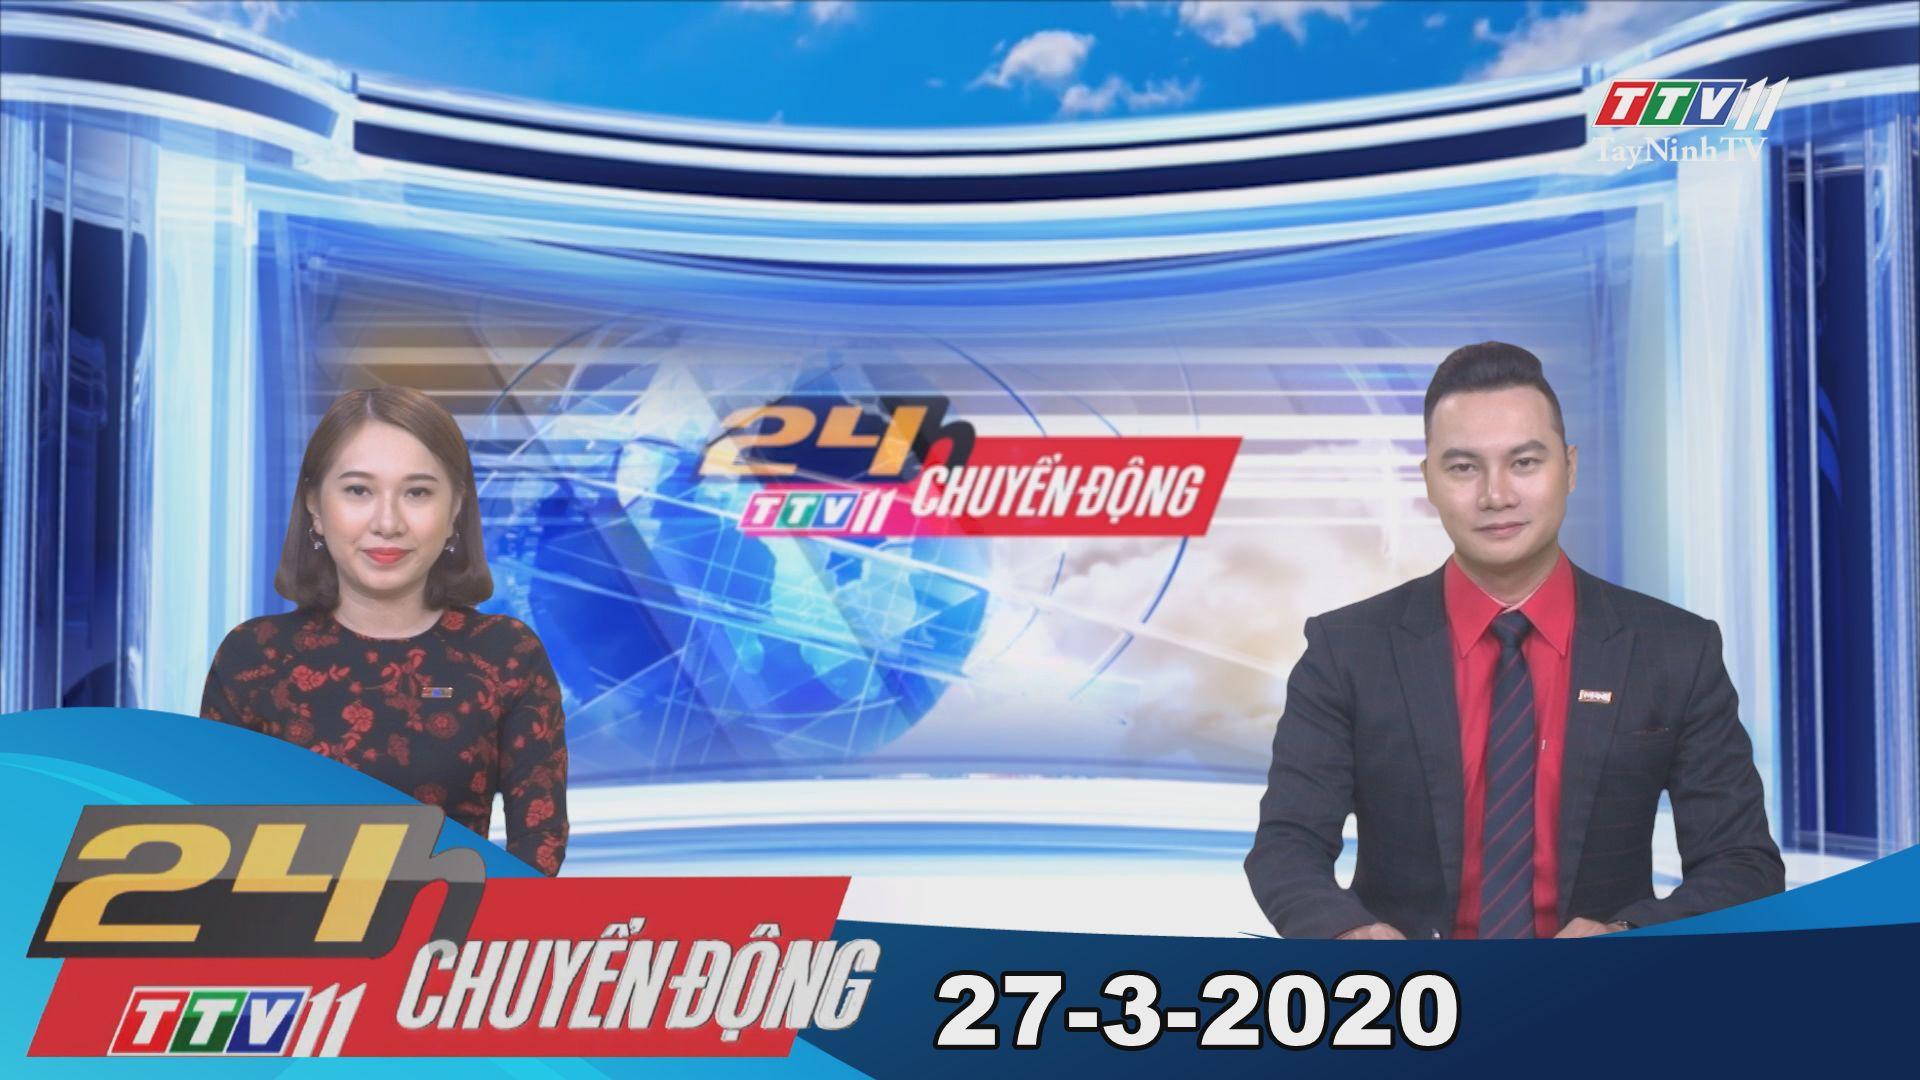 24h Chuyển động 27-3-2020 | Tin tức hôm nay | TayNinhTV